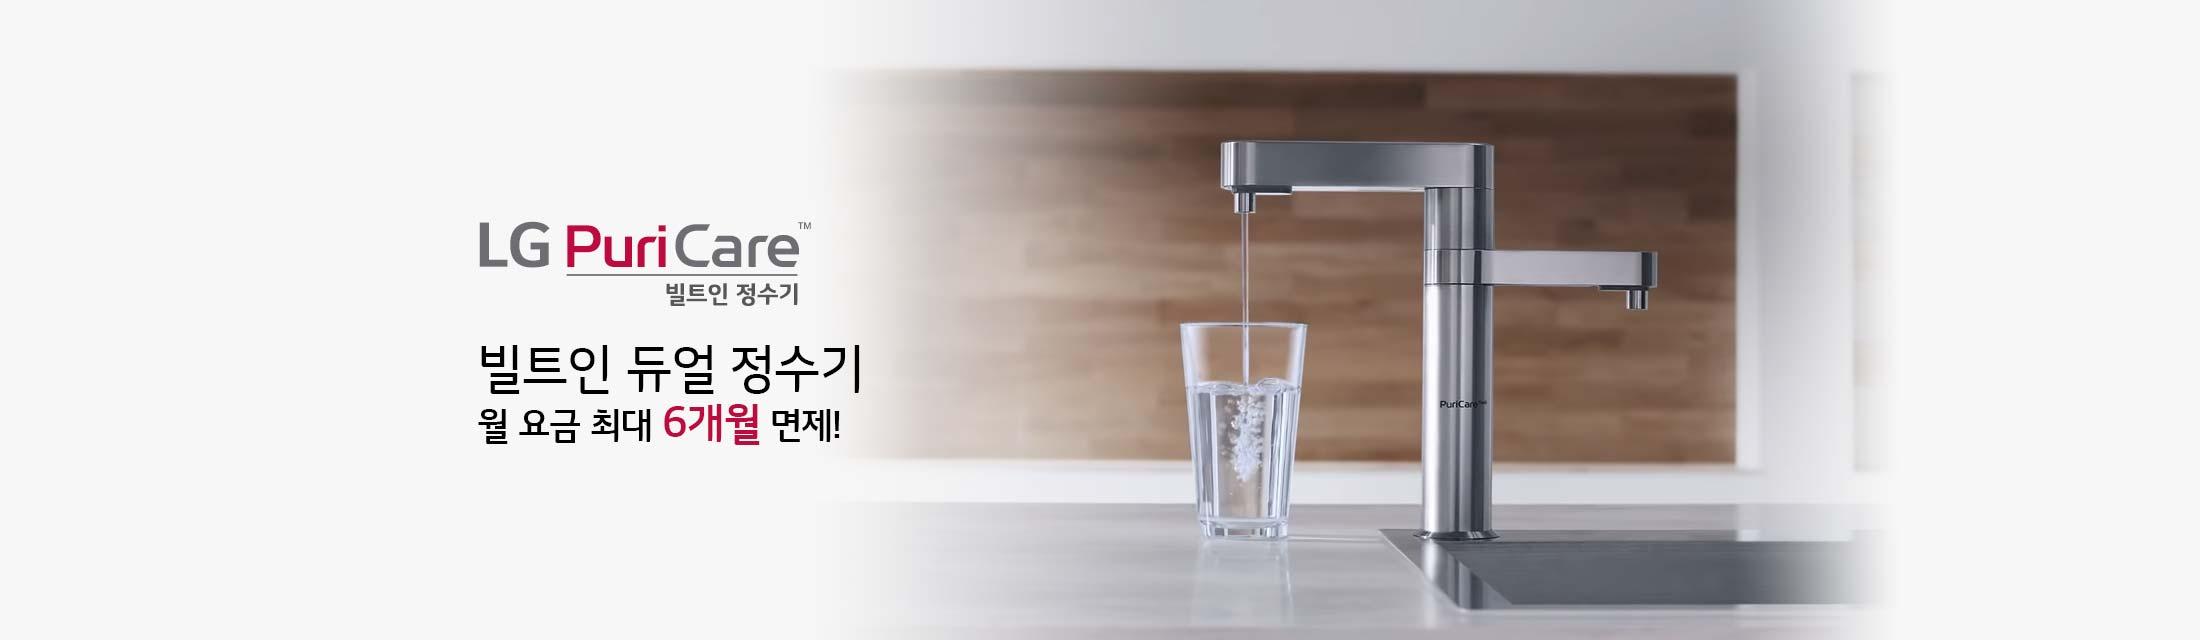 엘지 전자 빌트인 듀얼 정수기 신제품 출시